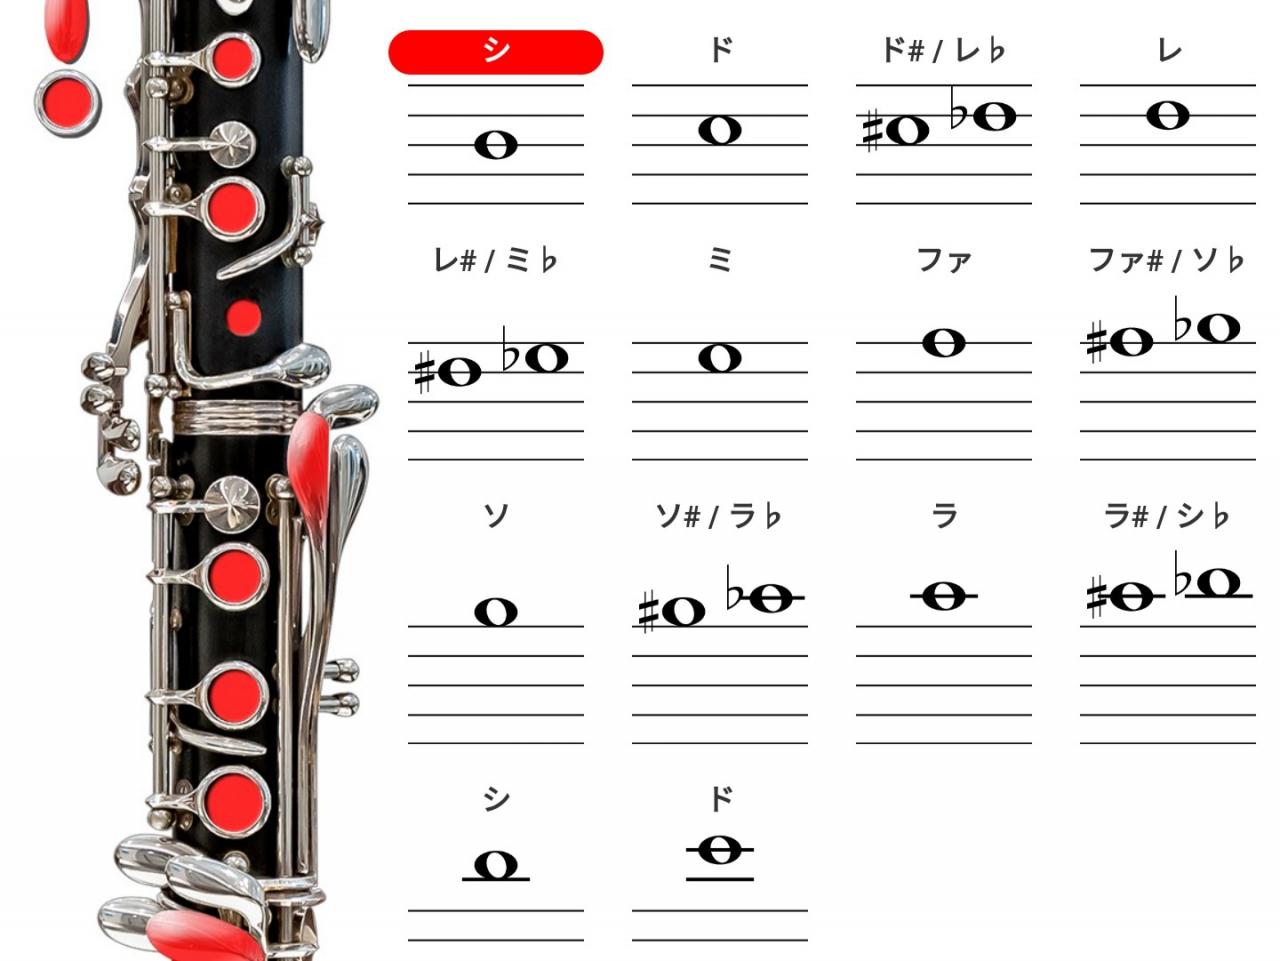 チューニングで使用するシの音を示した運指表